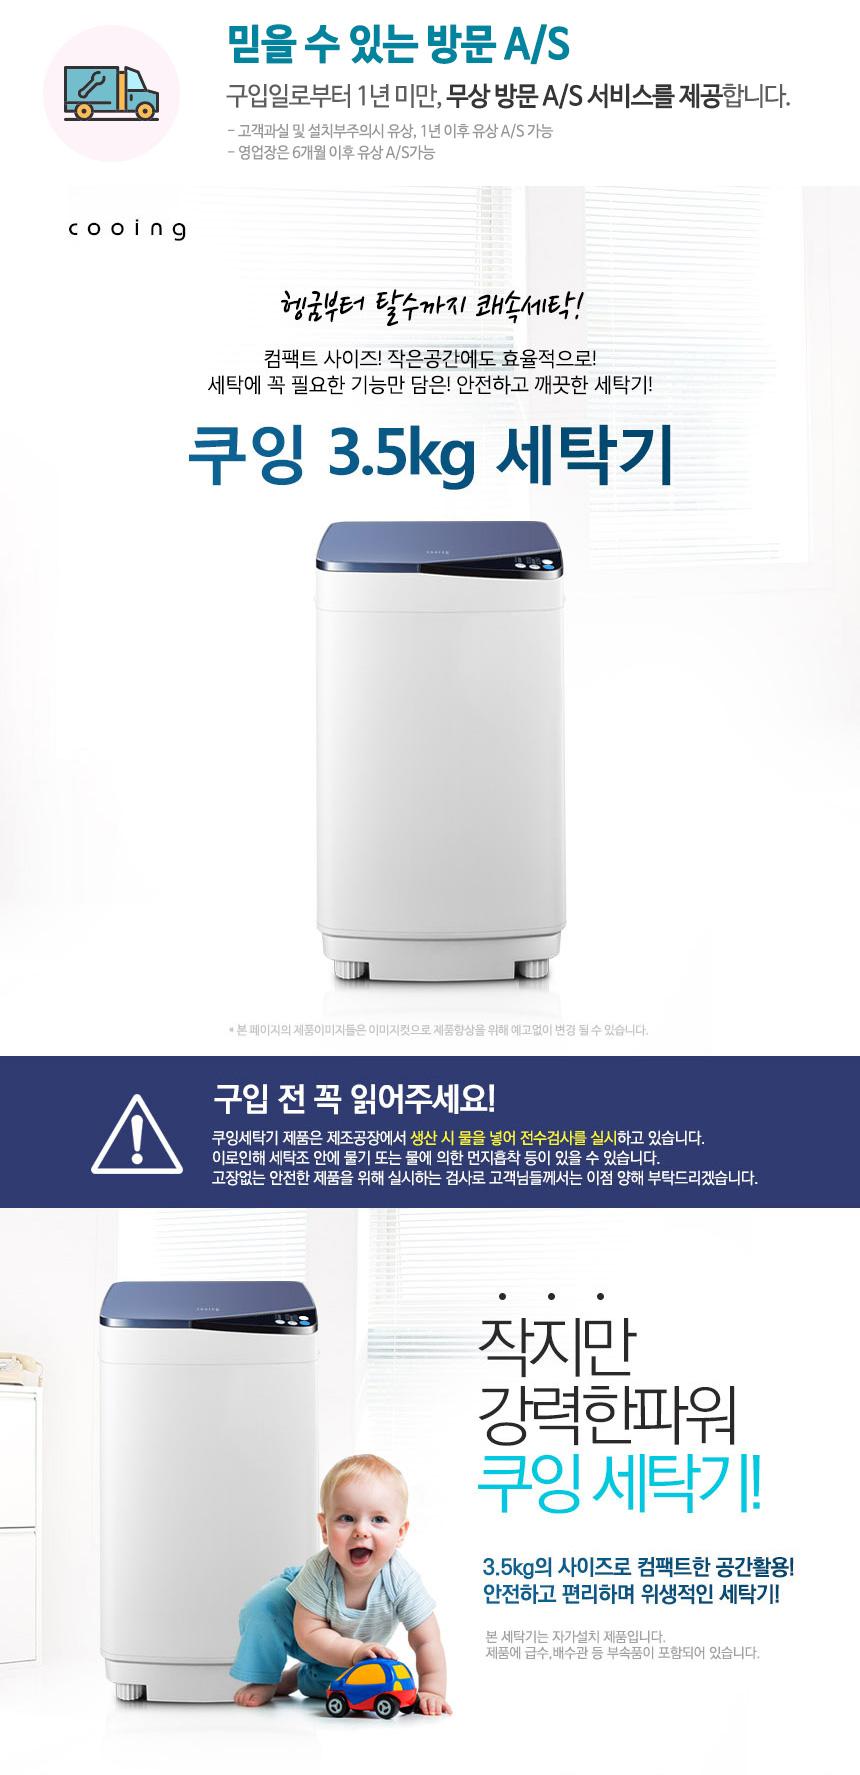 상세페이지1, LW35P1,쿠잉 세탁기, 3.5kg, 컴팩트 사이즈, 자취생 세탁기